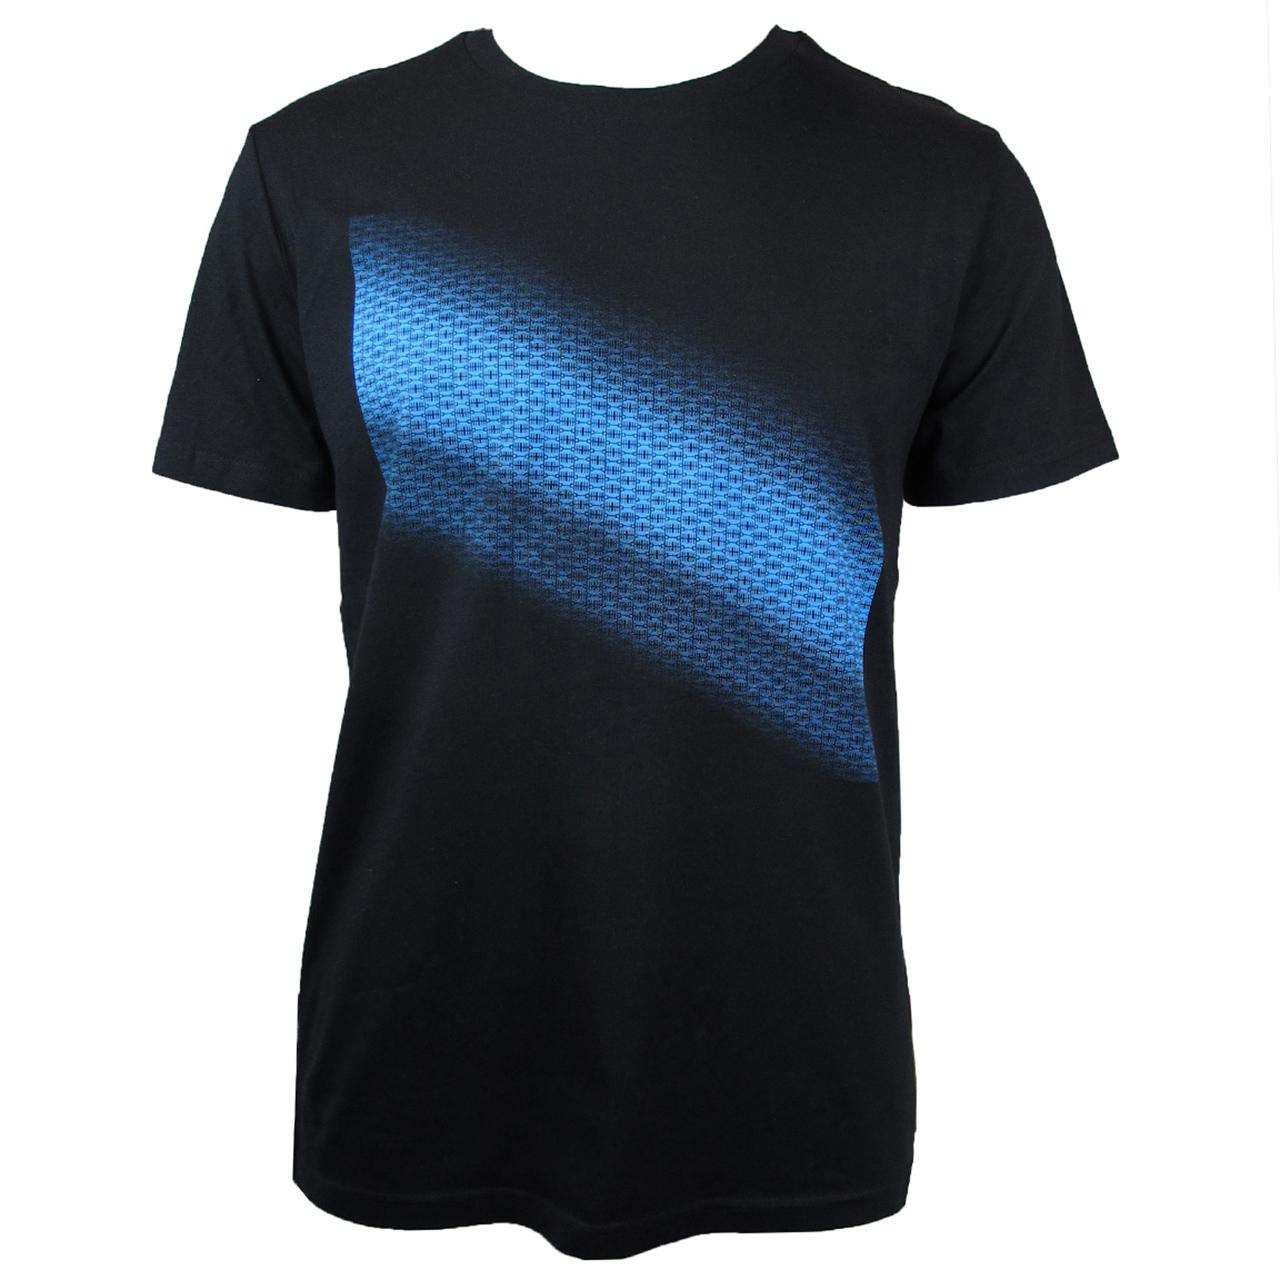 Berlin Design T-Shirt Farbverlauf schwarz/blau